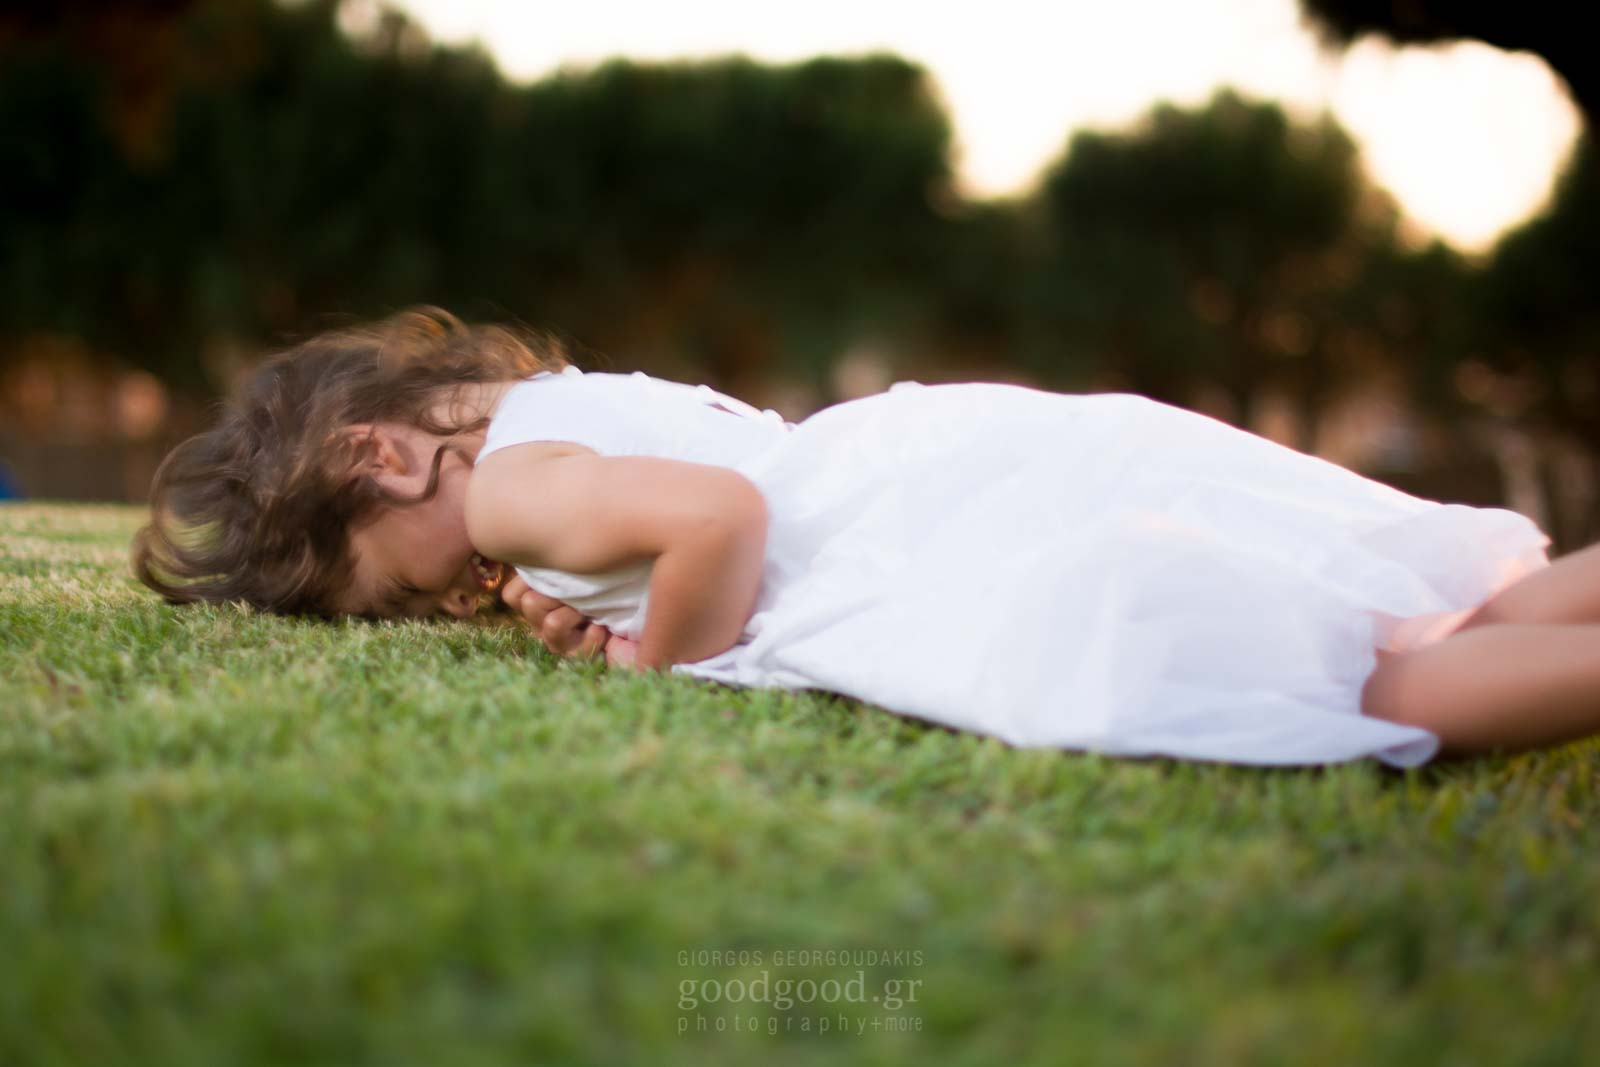 Φωτογραφία ενός μικρού κοριτσιού με λευκό φόρεμα να κυλιέται στο γρασίδι και να γελάει